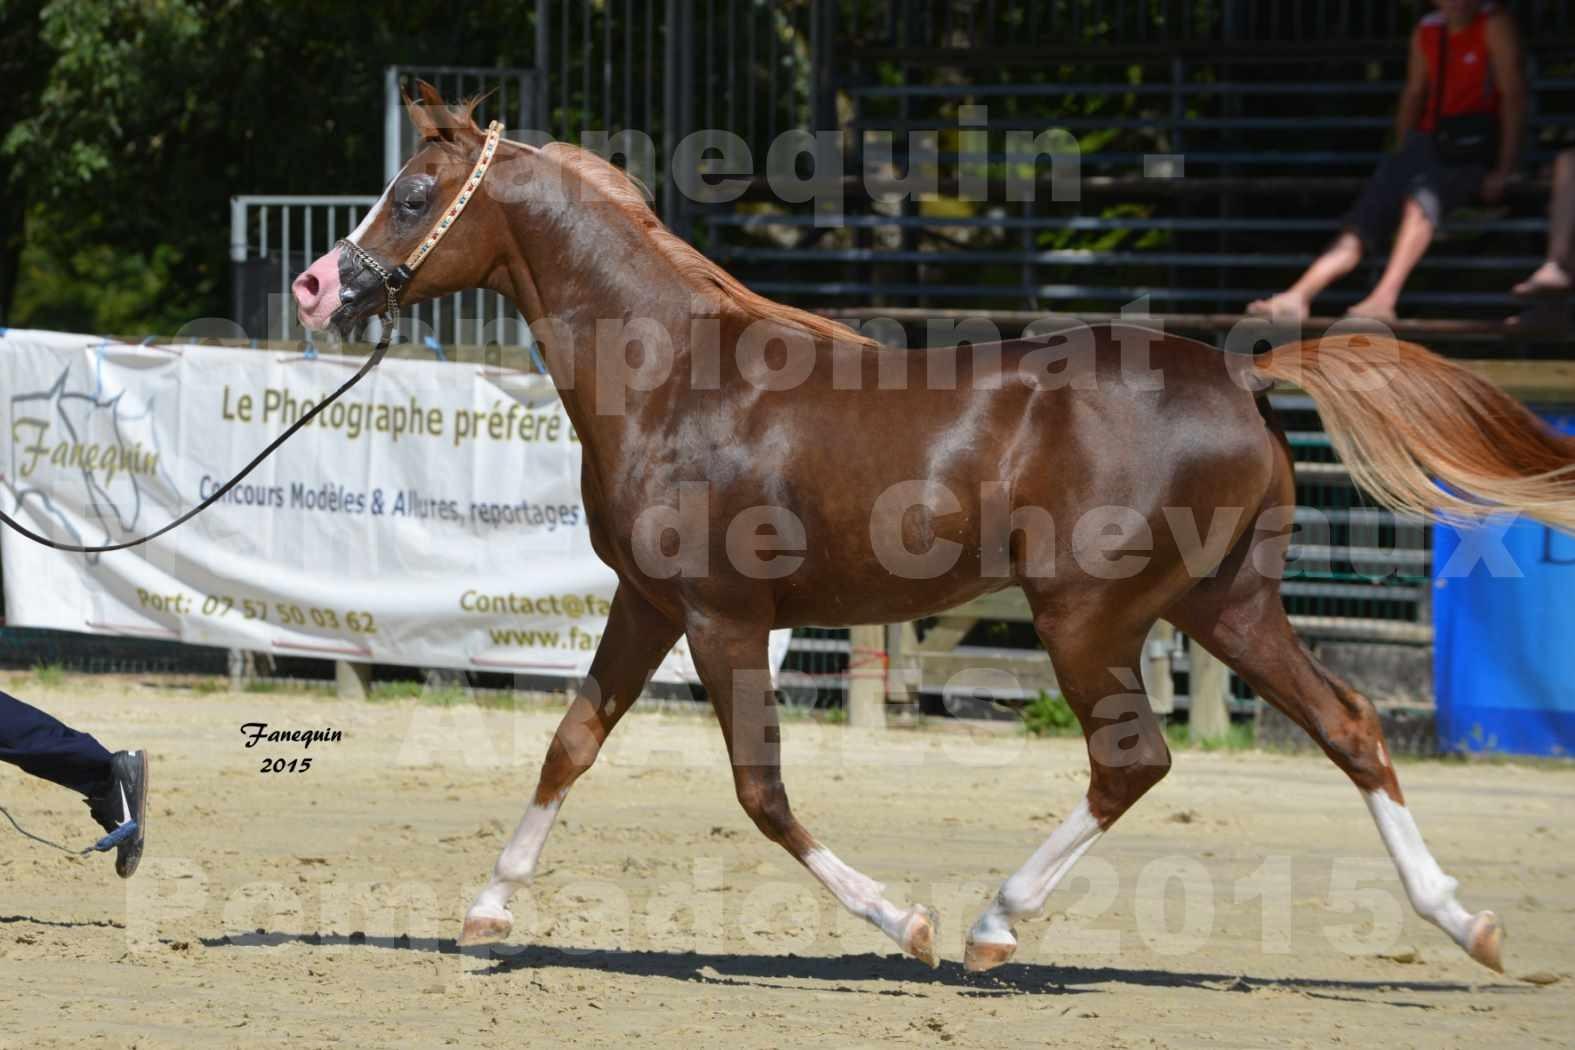 Championnat de FRANCE du cheval ARABE à POMPADOUR les 21, 22 & 23 Août 2015 - Classe professionnel